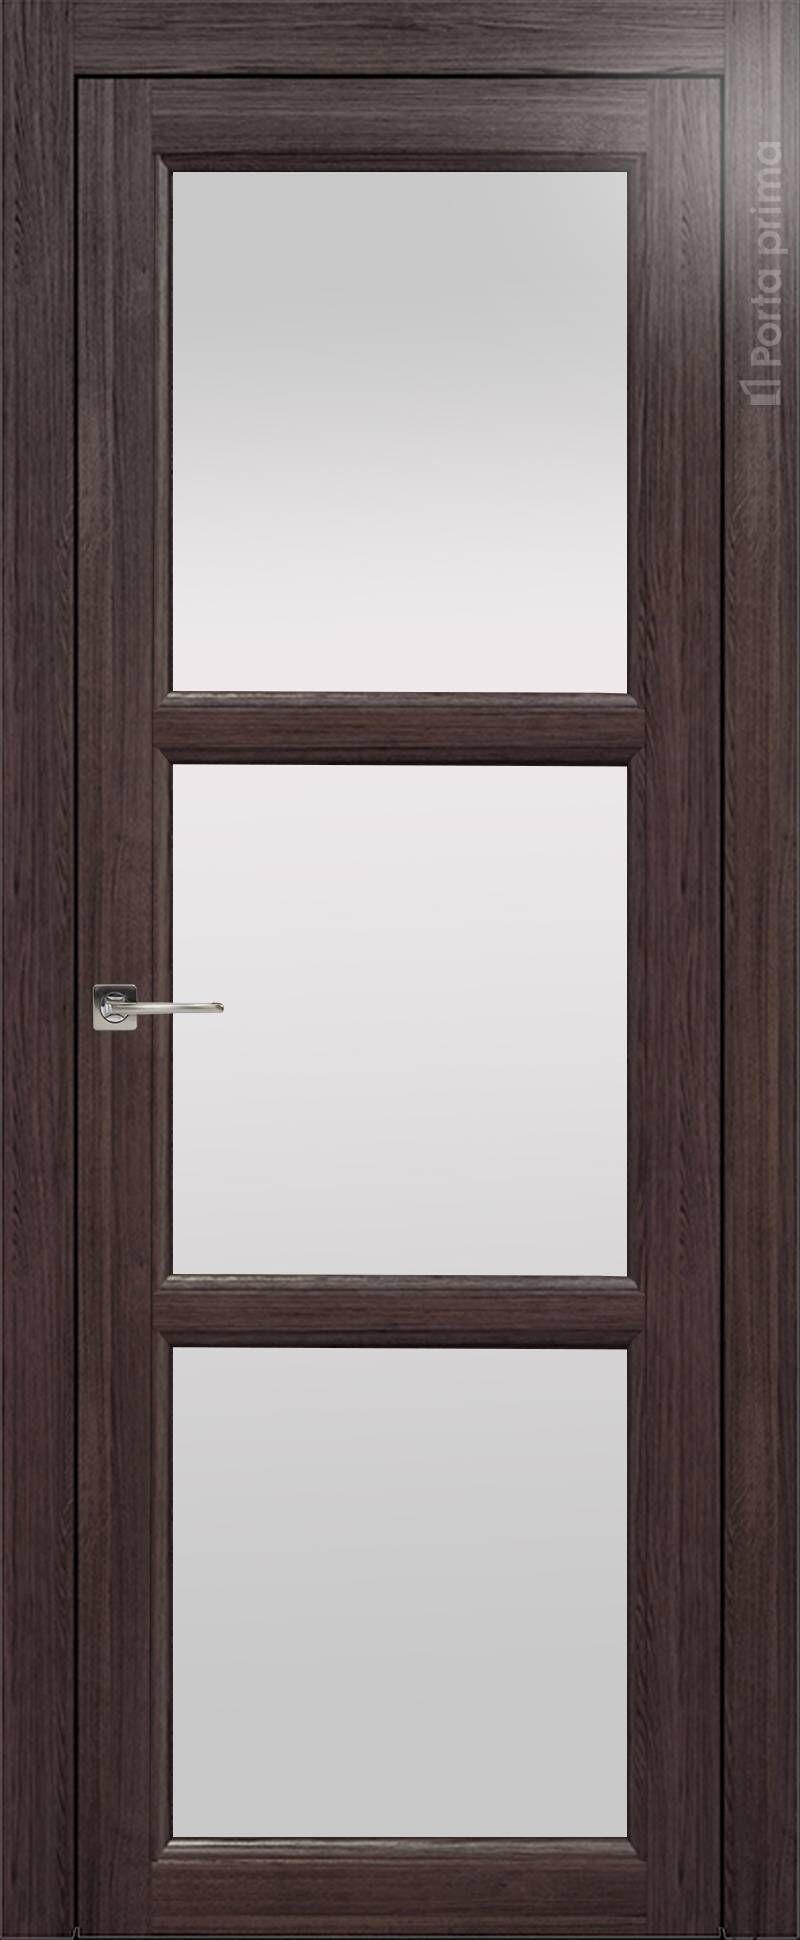 Sorrento-R В2 цвет - Венге Нуар Со стеклом (ДО)